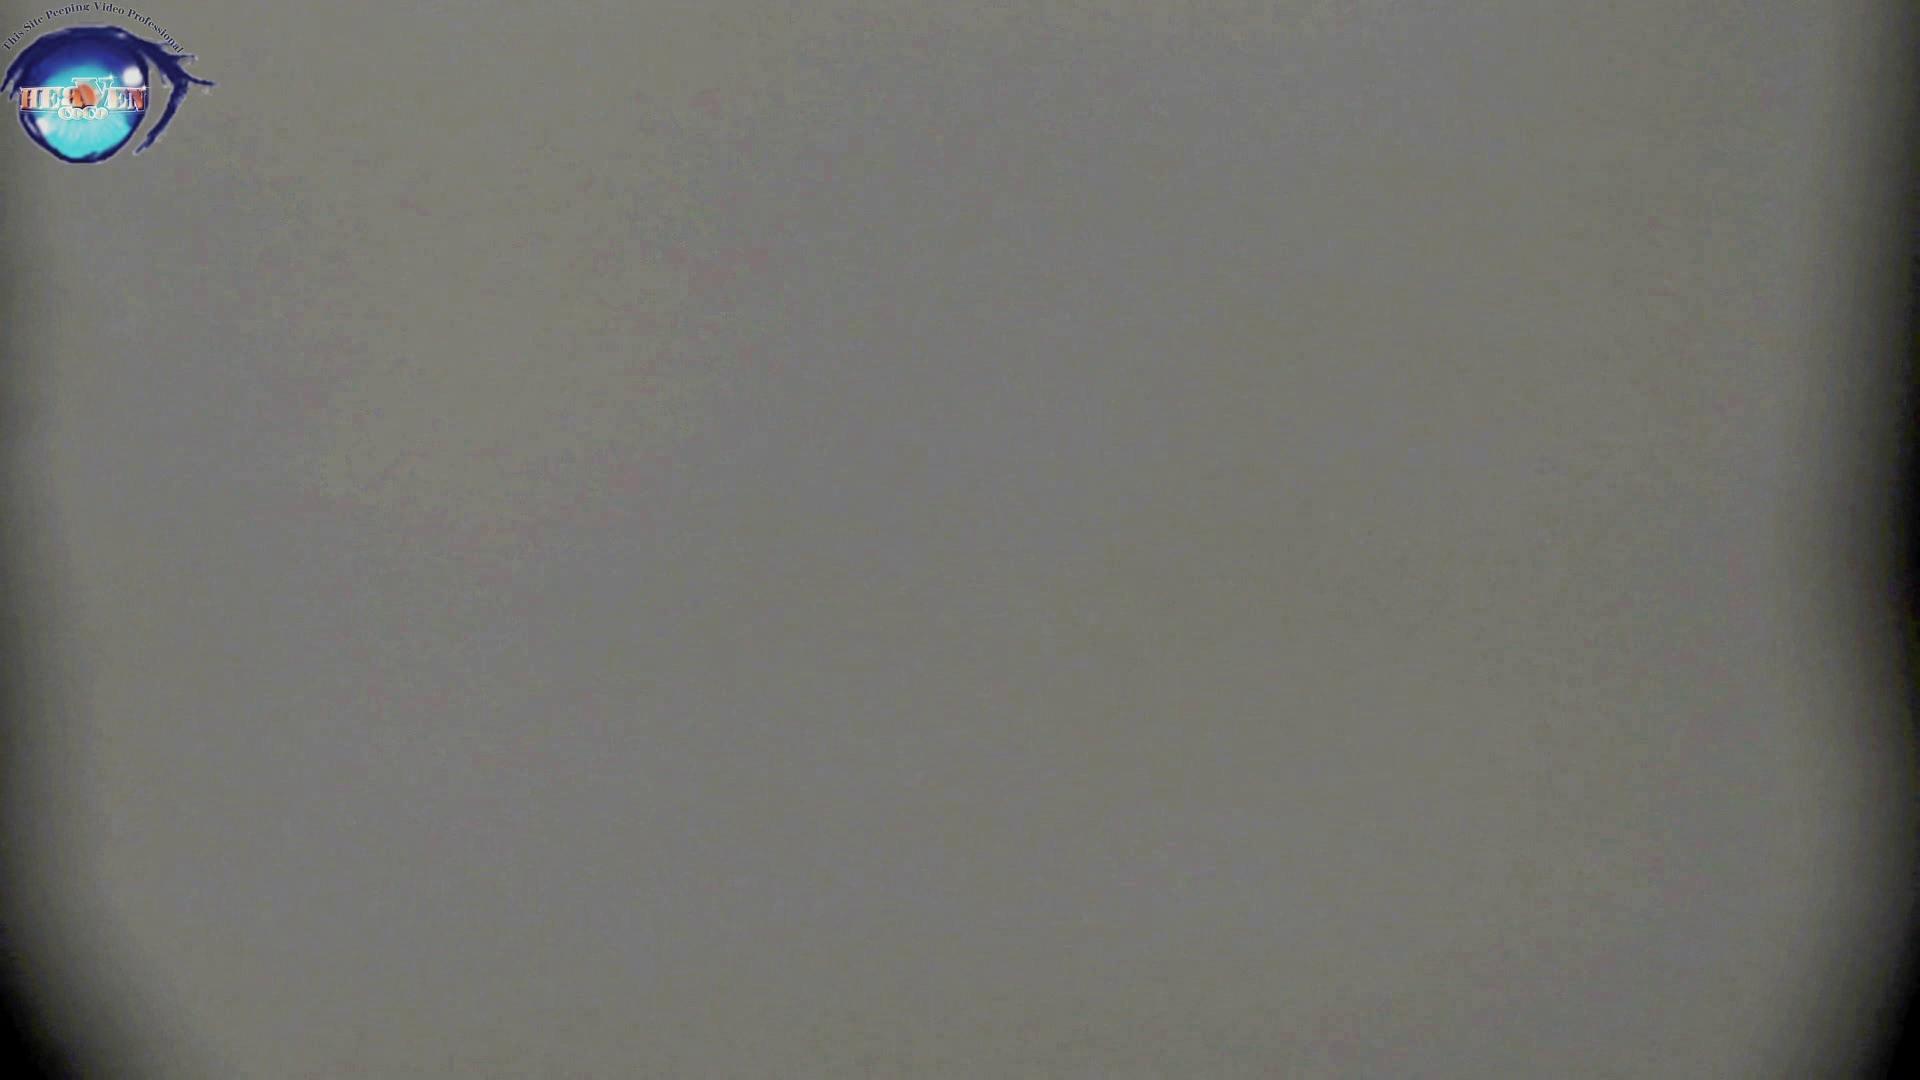 洗面所突入レポート!!お銀 vol.69 ナイスドアップ、外撮り!!前編 洗面所   OLエロ画像  43PICs 23